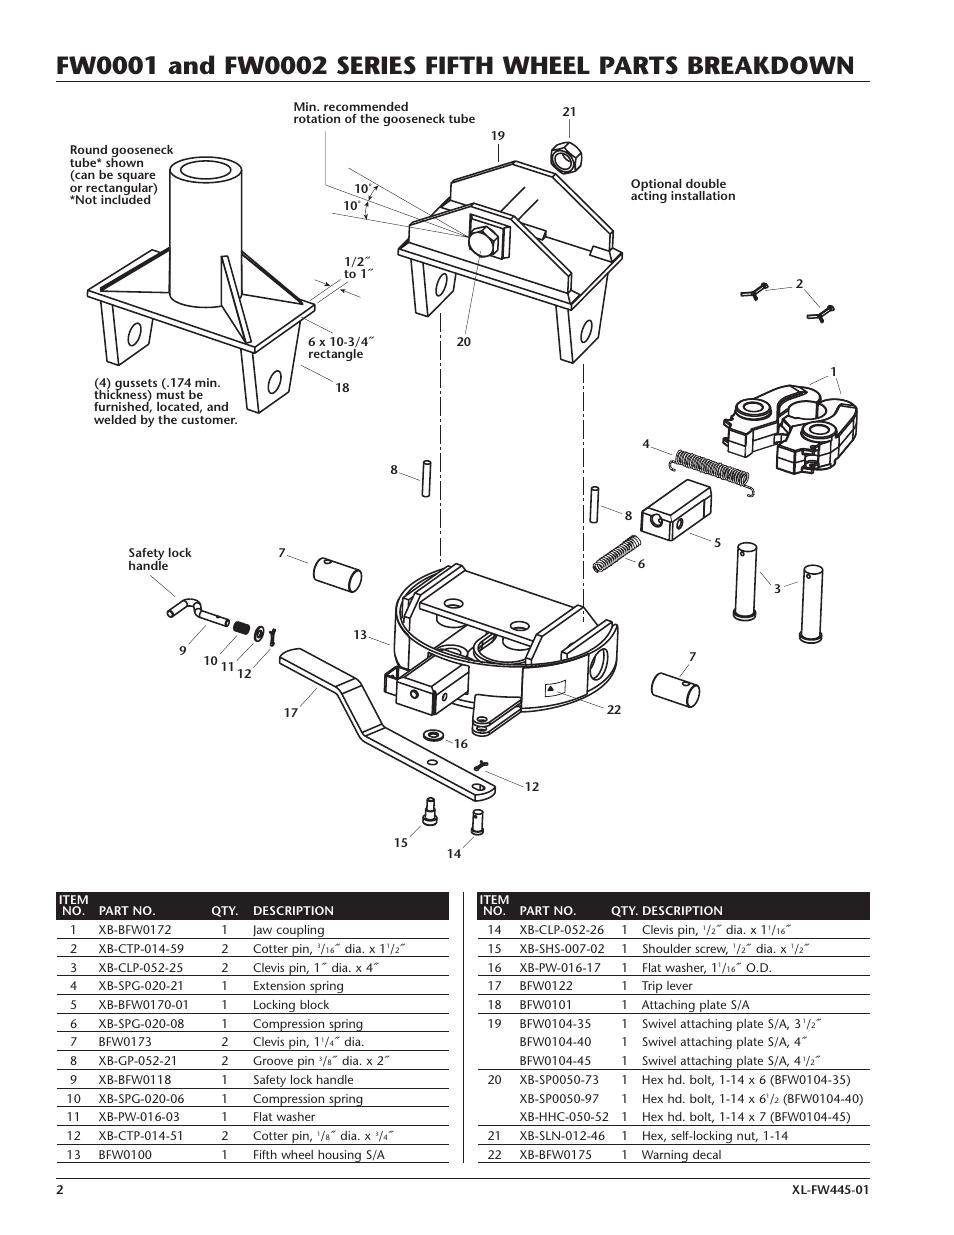 SAF-HOLLAND XL-FW445-01 FW0001 Series Fifth Wheel User